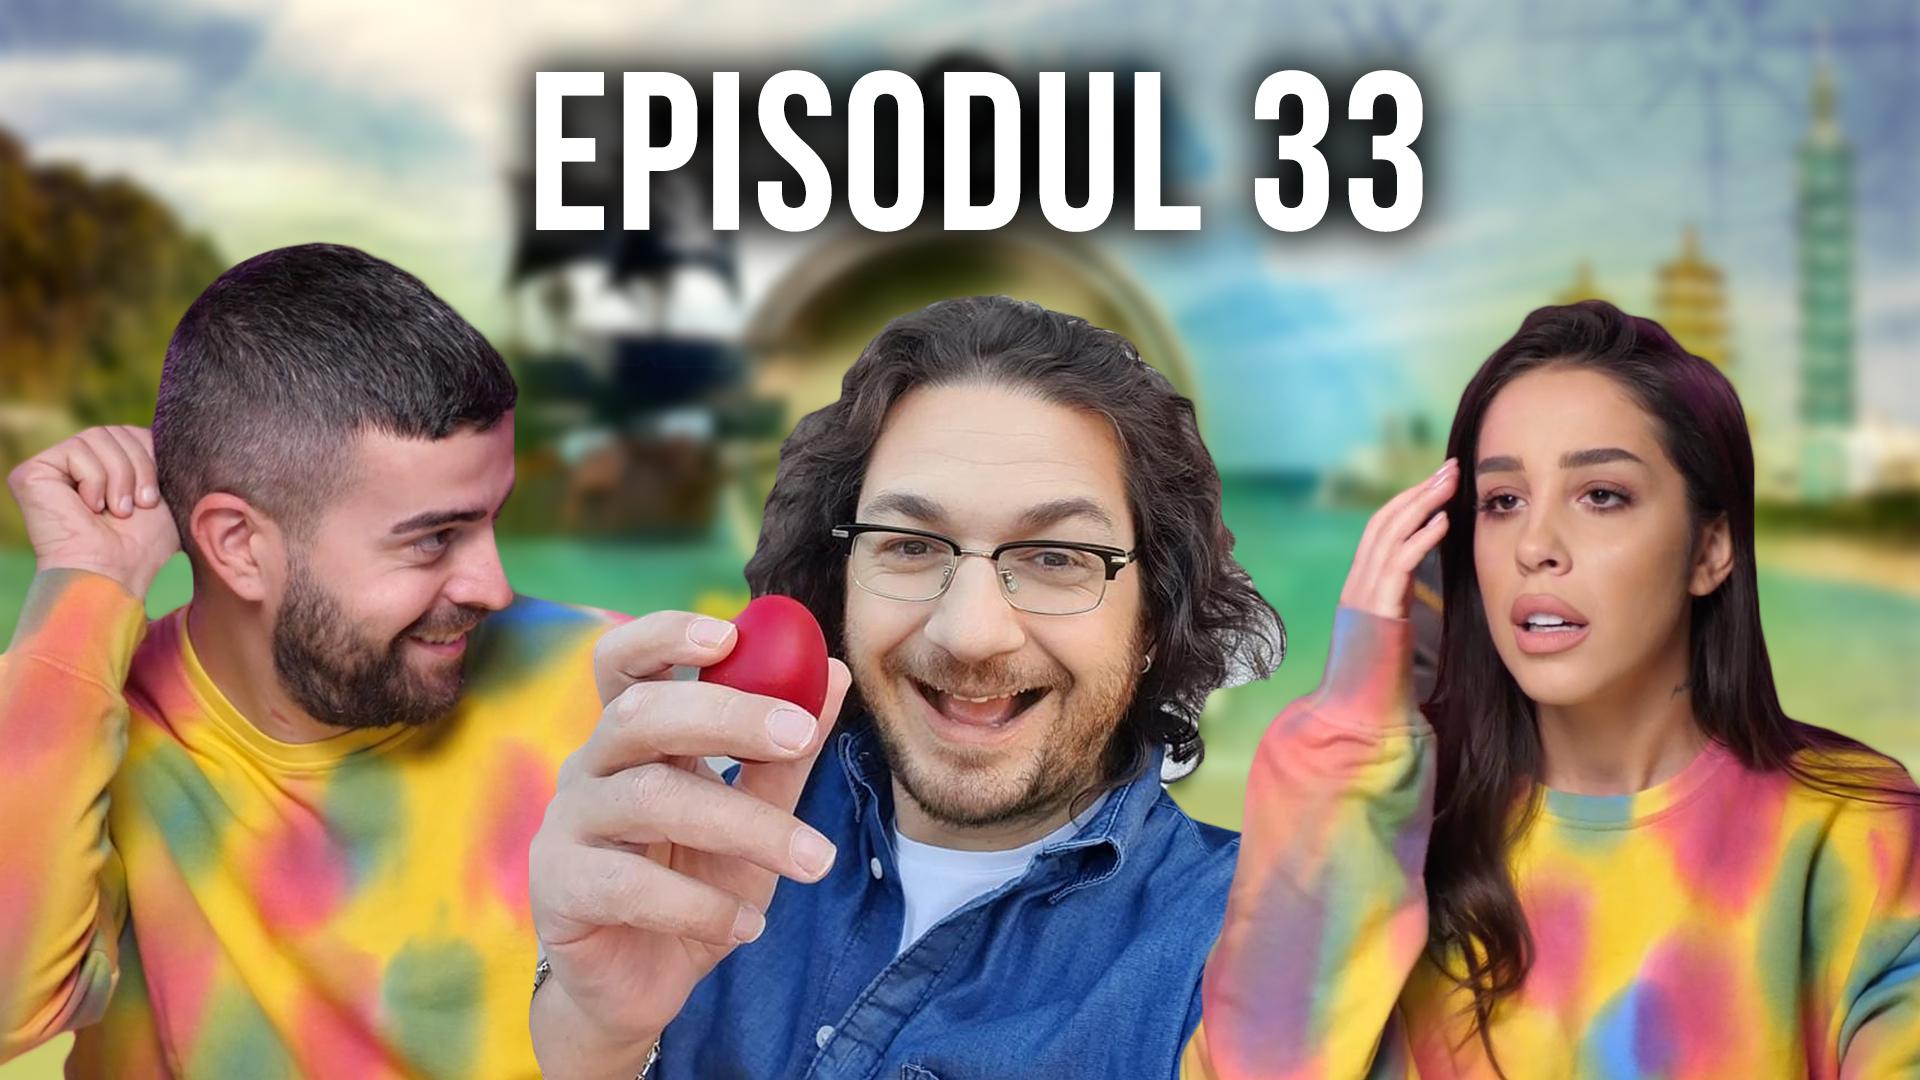 DE SPEAK Firu-n Patru - Episodul 33 cu Florin Dumitrescu